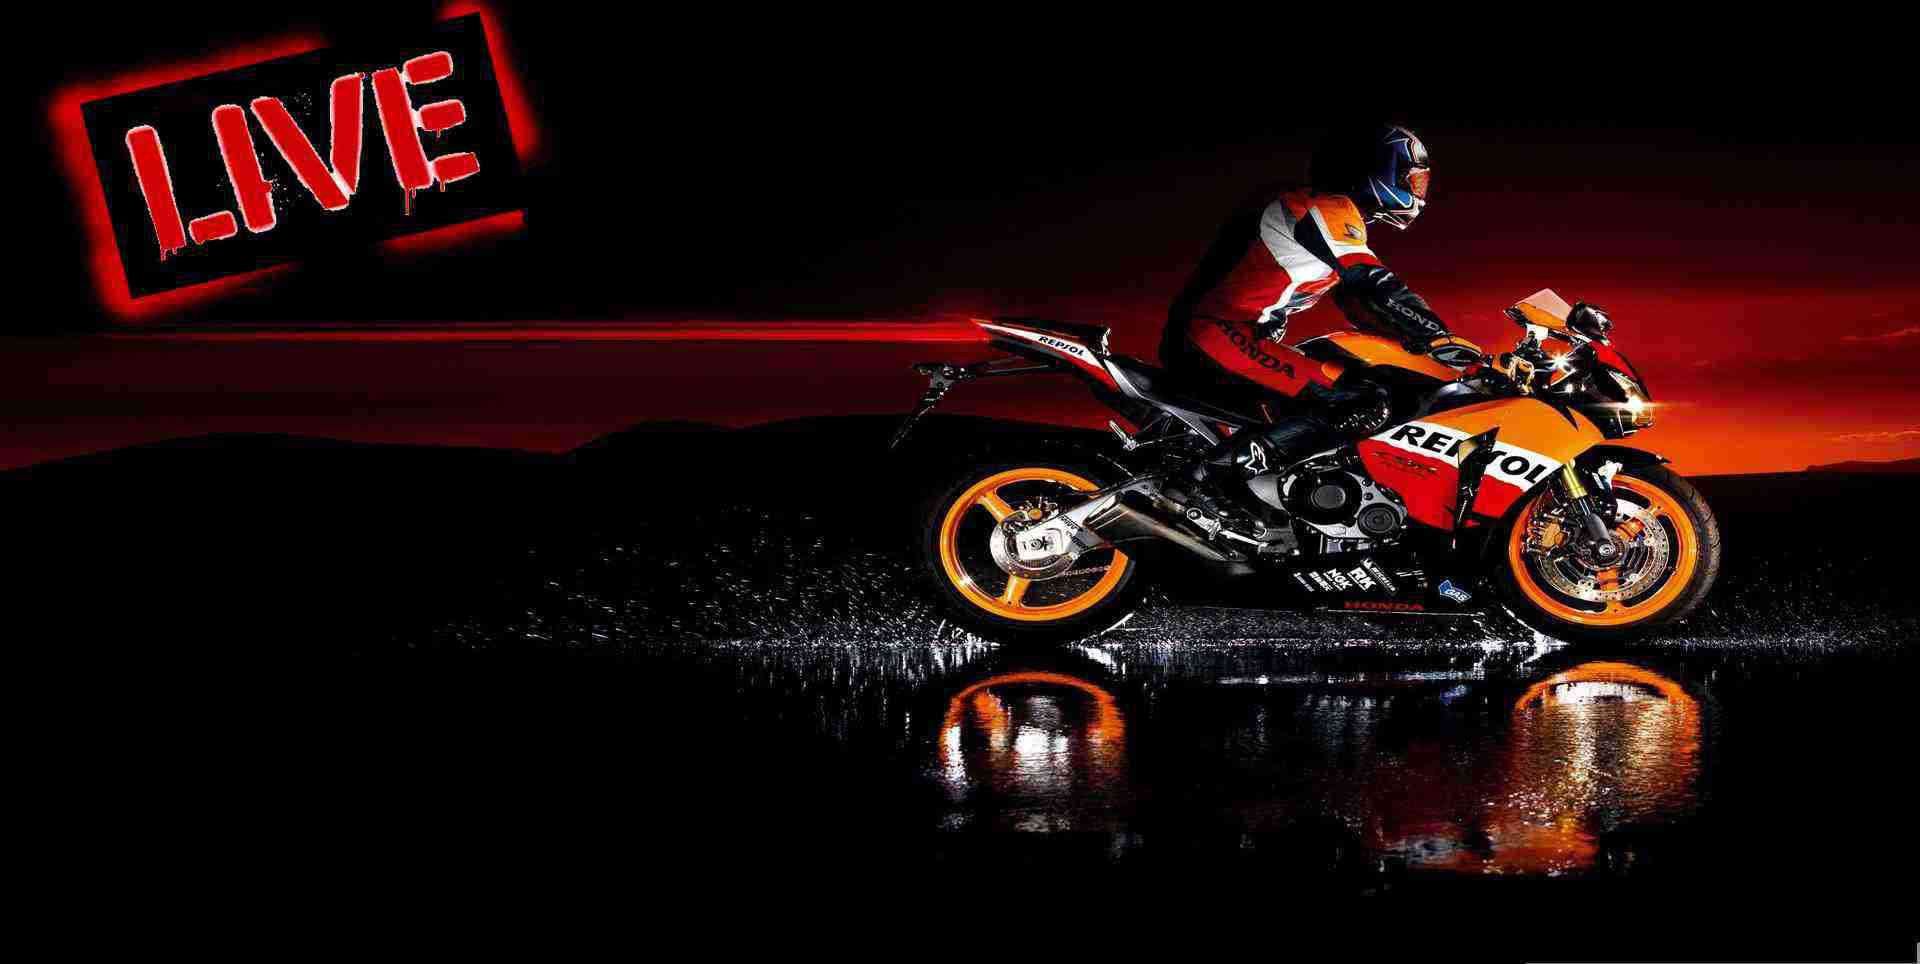 watch-losail-round-12-superbike-fim-world-championship-2014-online